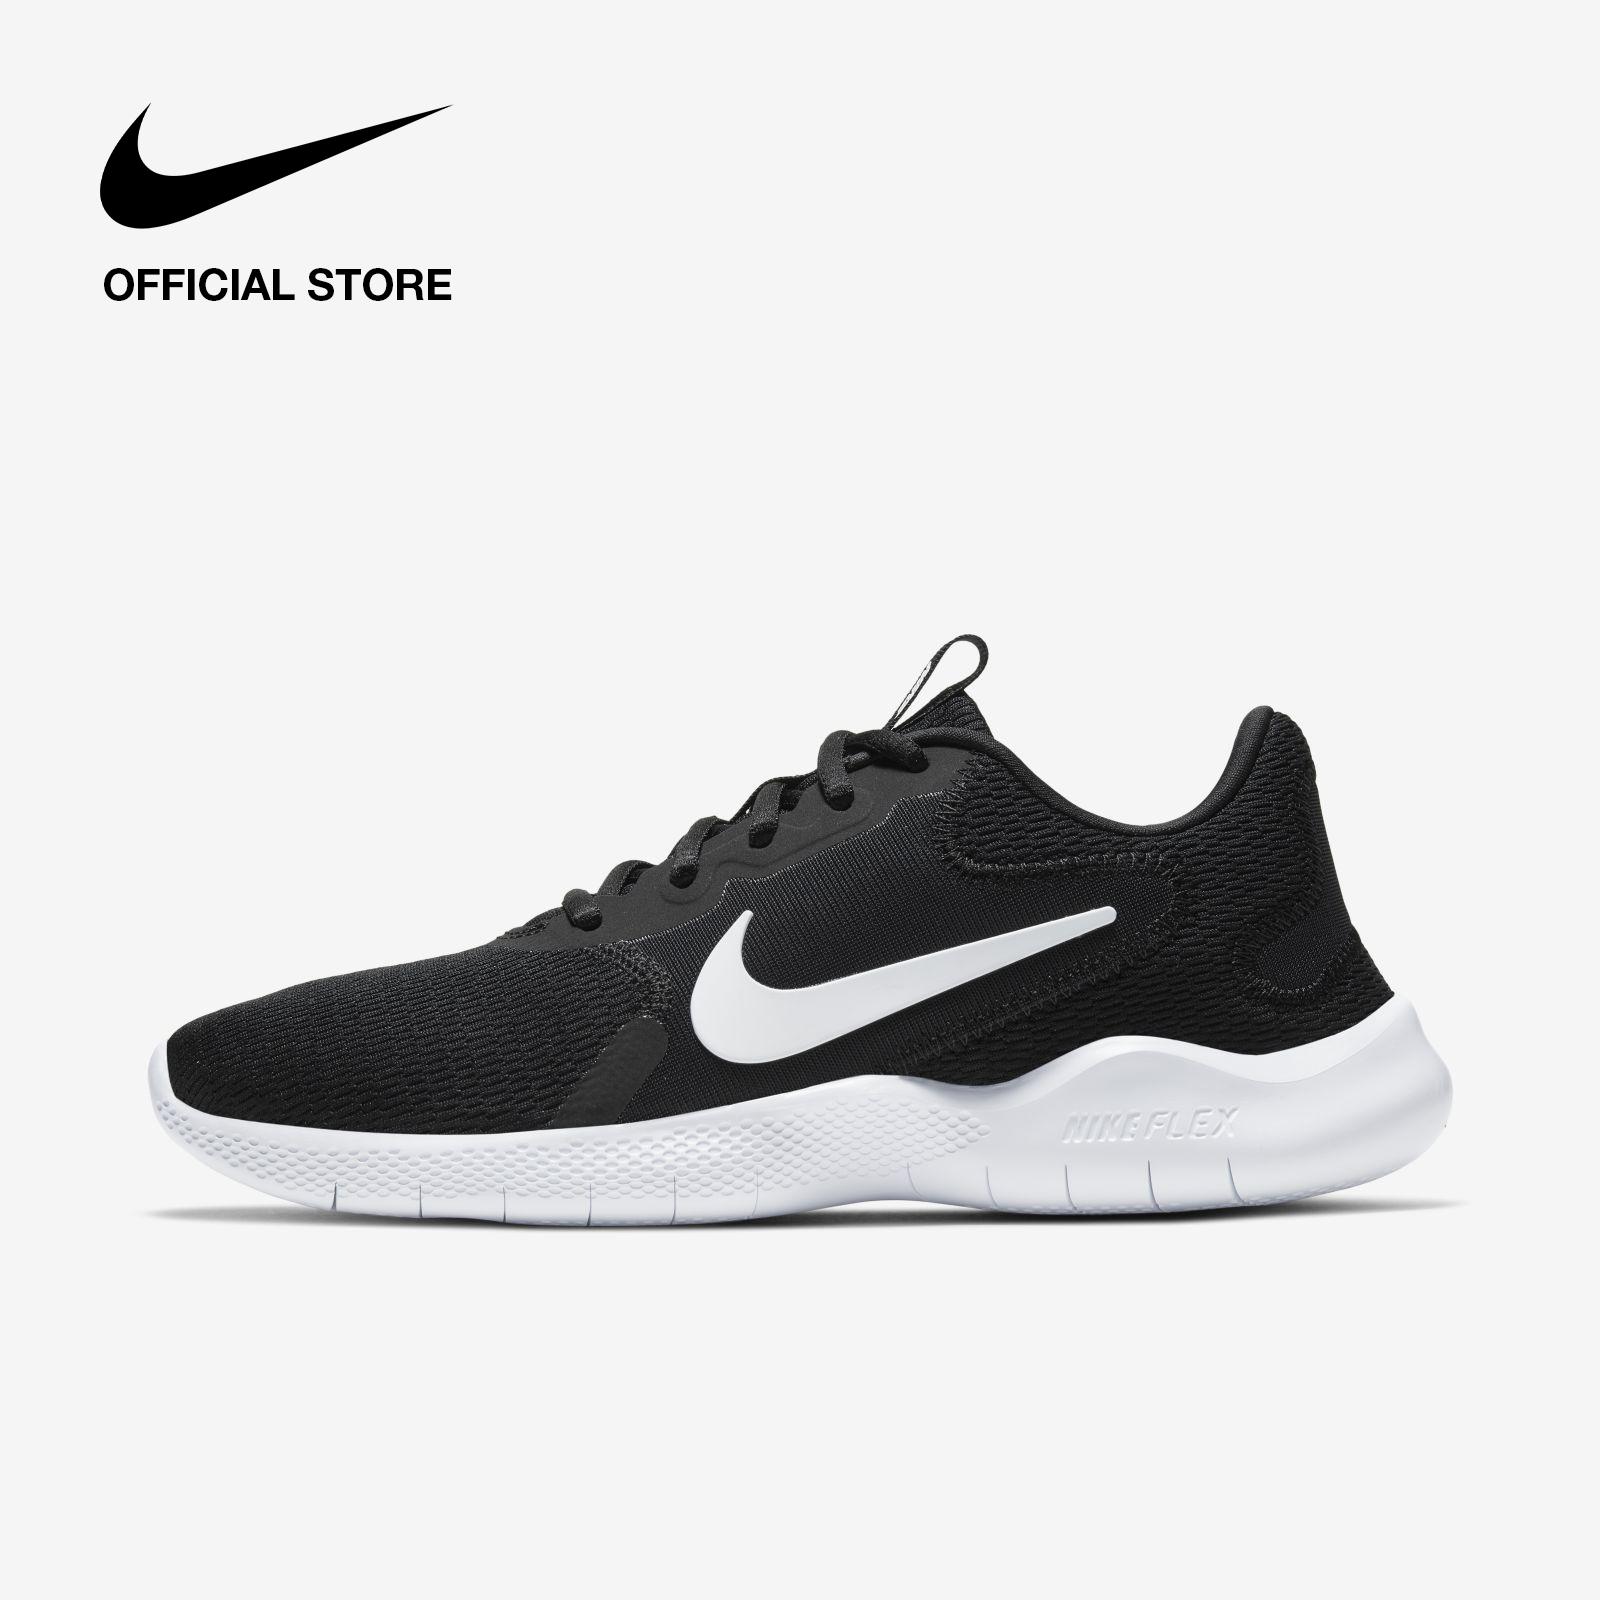 Buy Nike Women's Sports Shoes Online